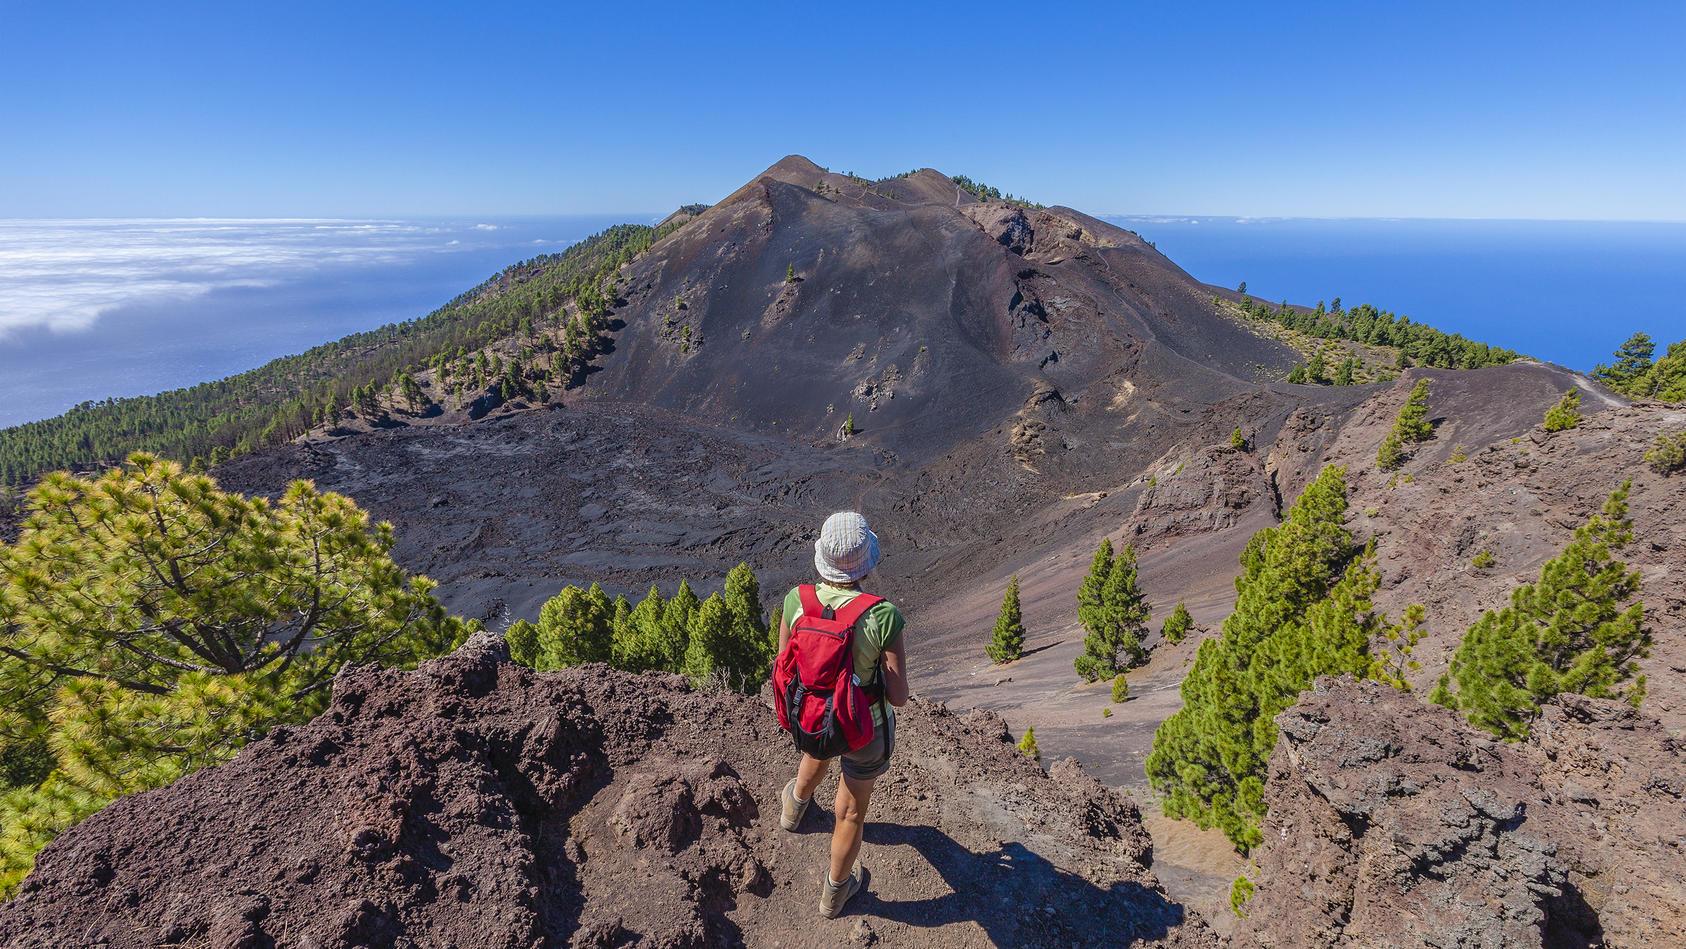 Vulkanausbruch auf La Palma: Worauf müssen Urlauber jetzt achten?